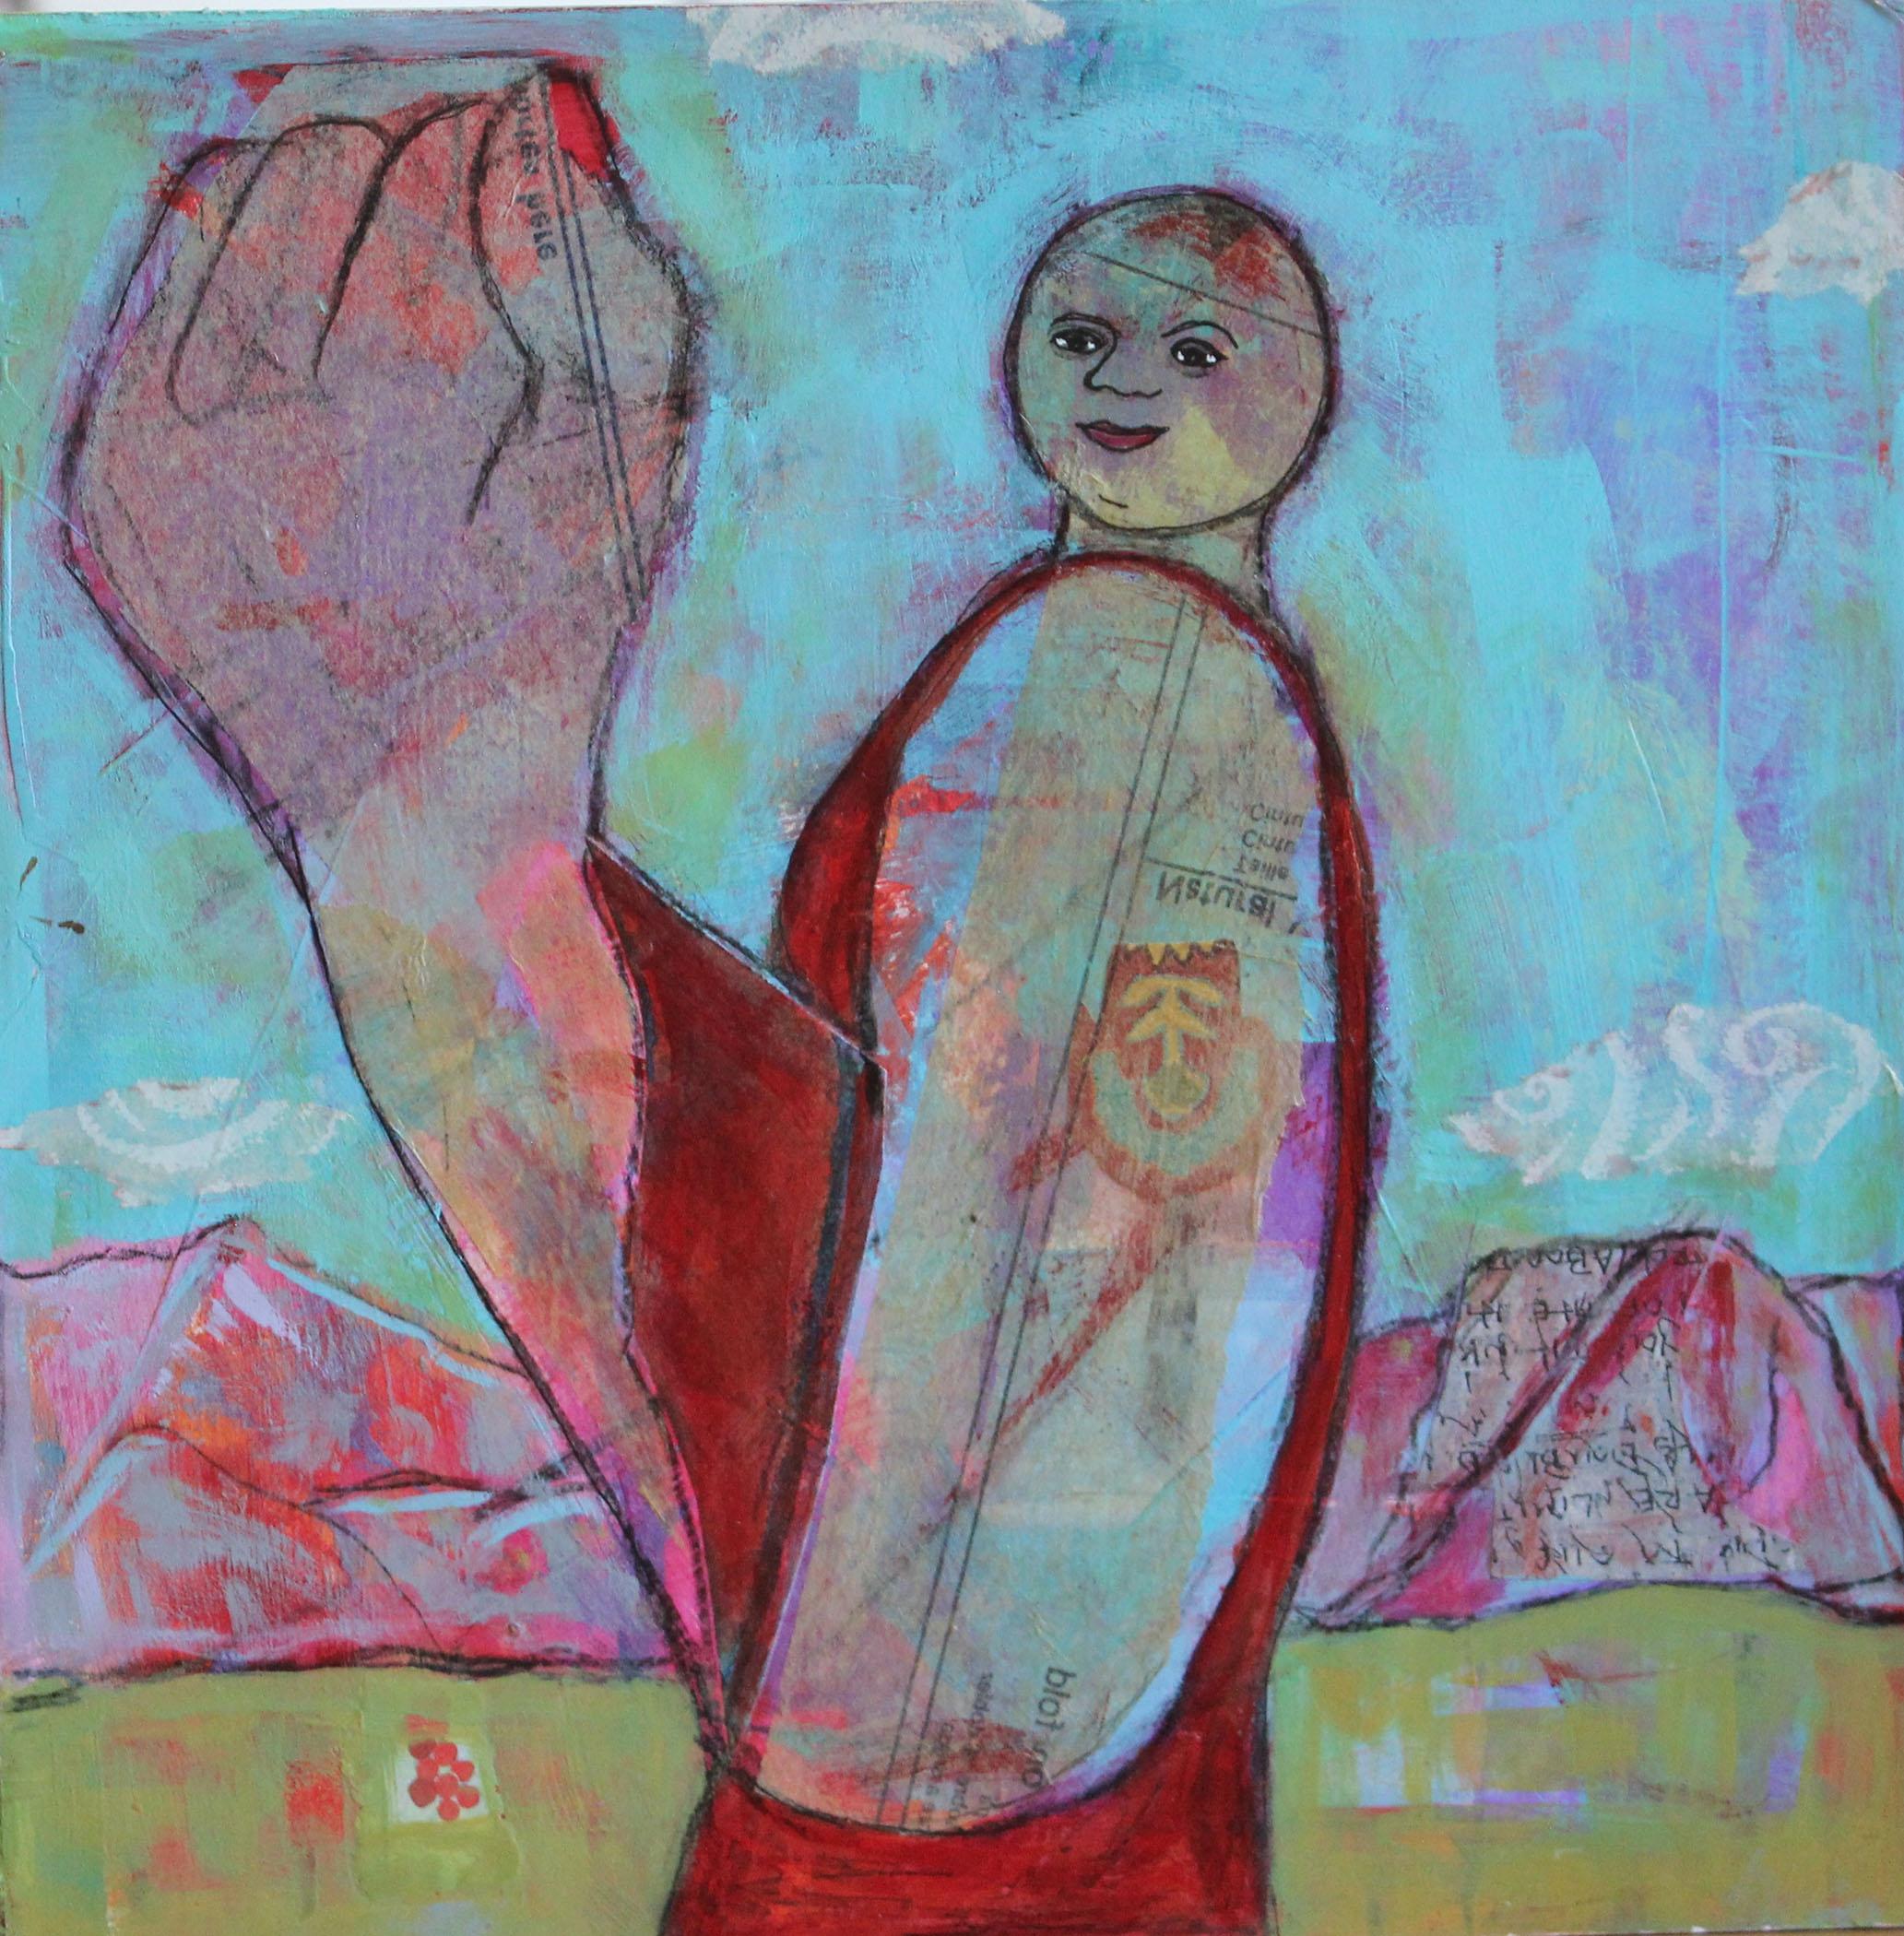 Ilene Weiss: Resist